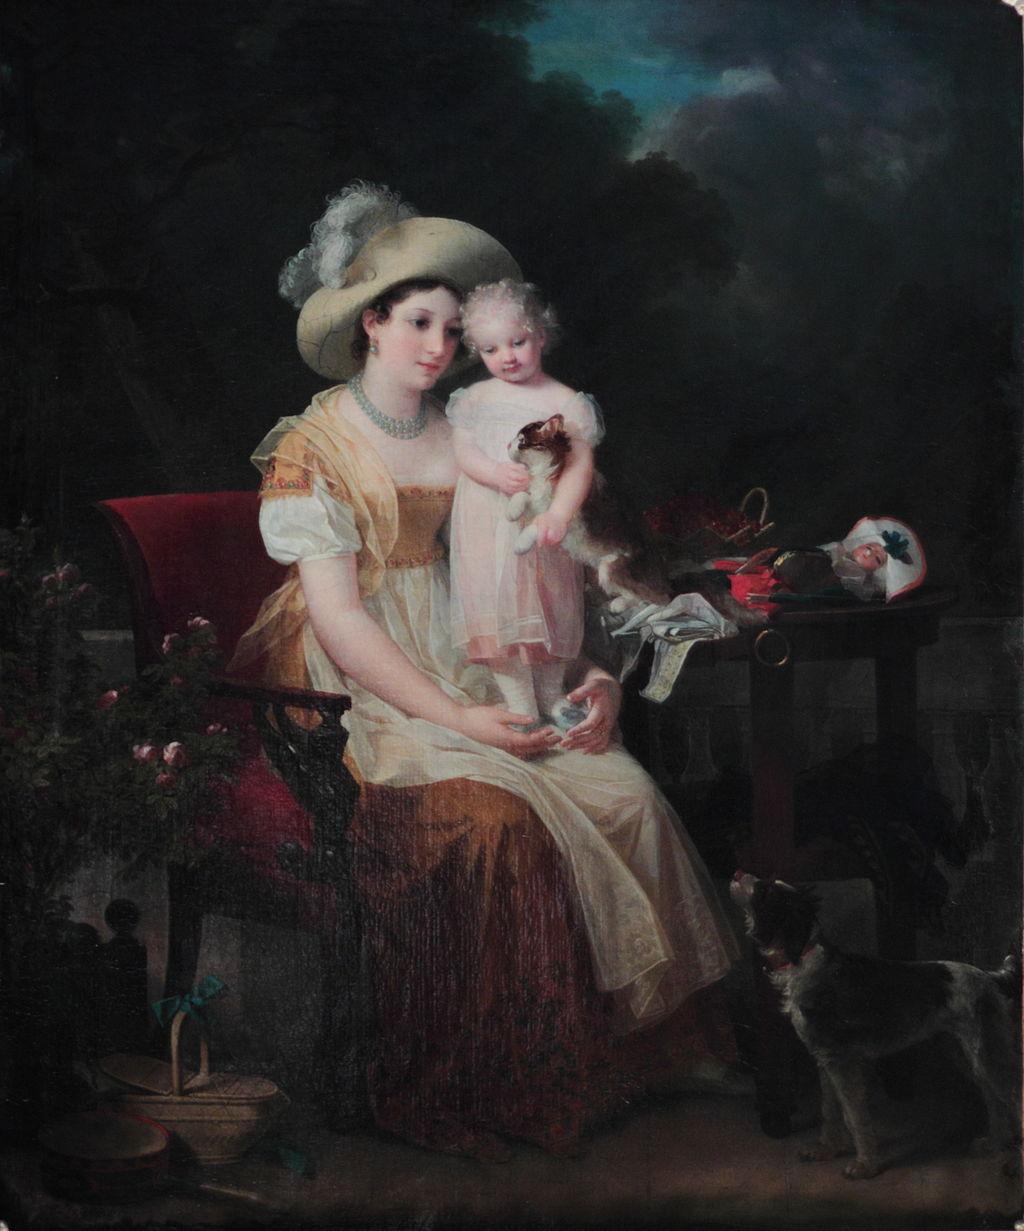 Маргарита Жерар. Портрет женщины с дочерью